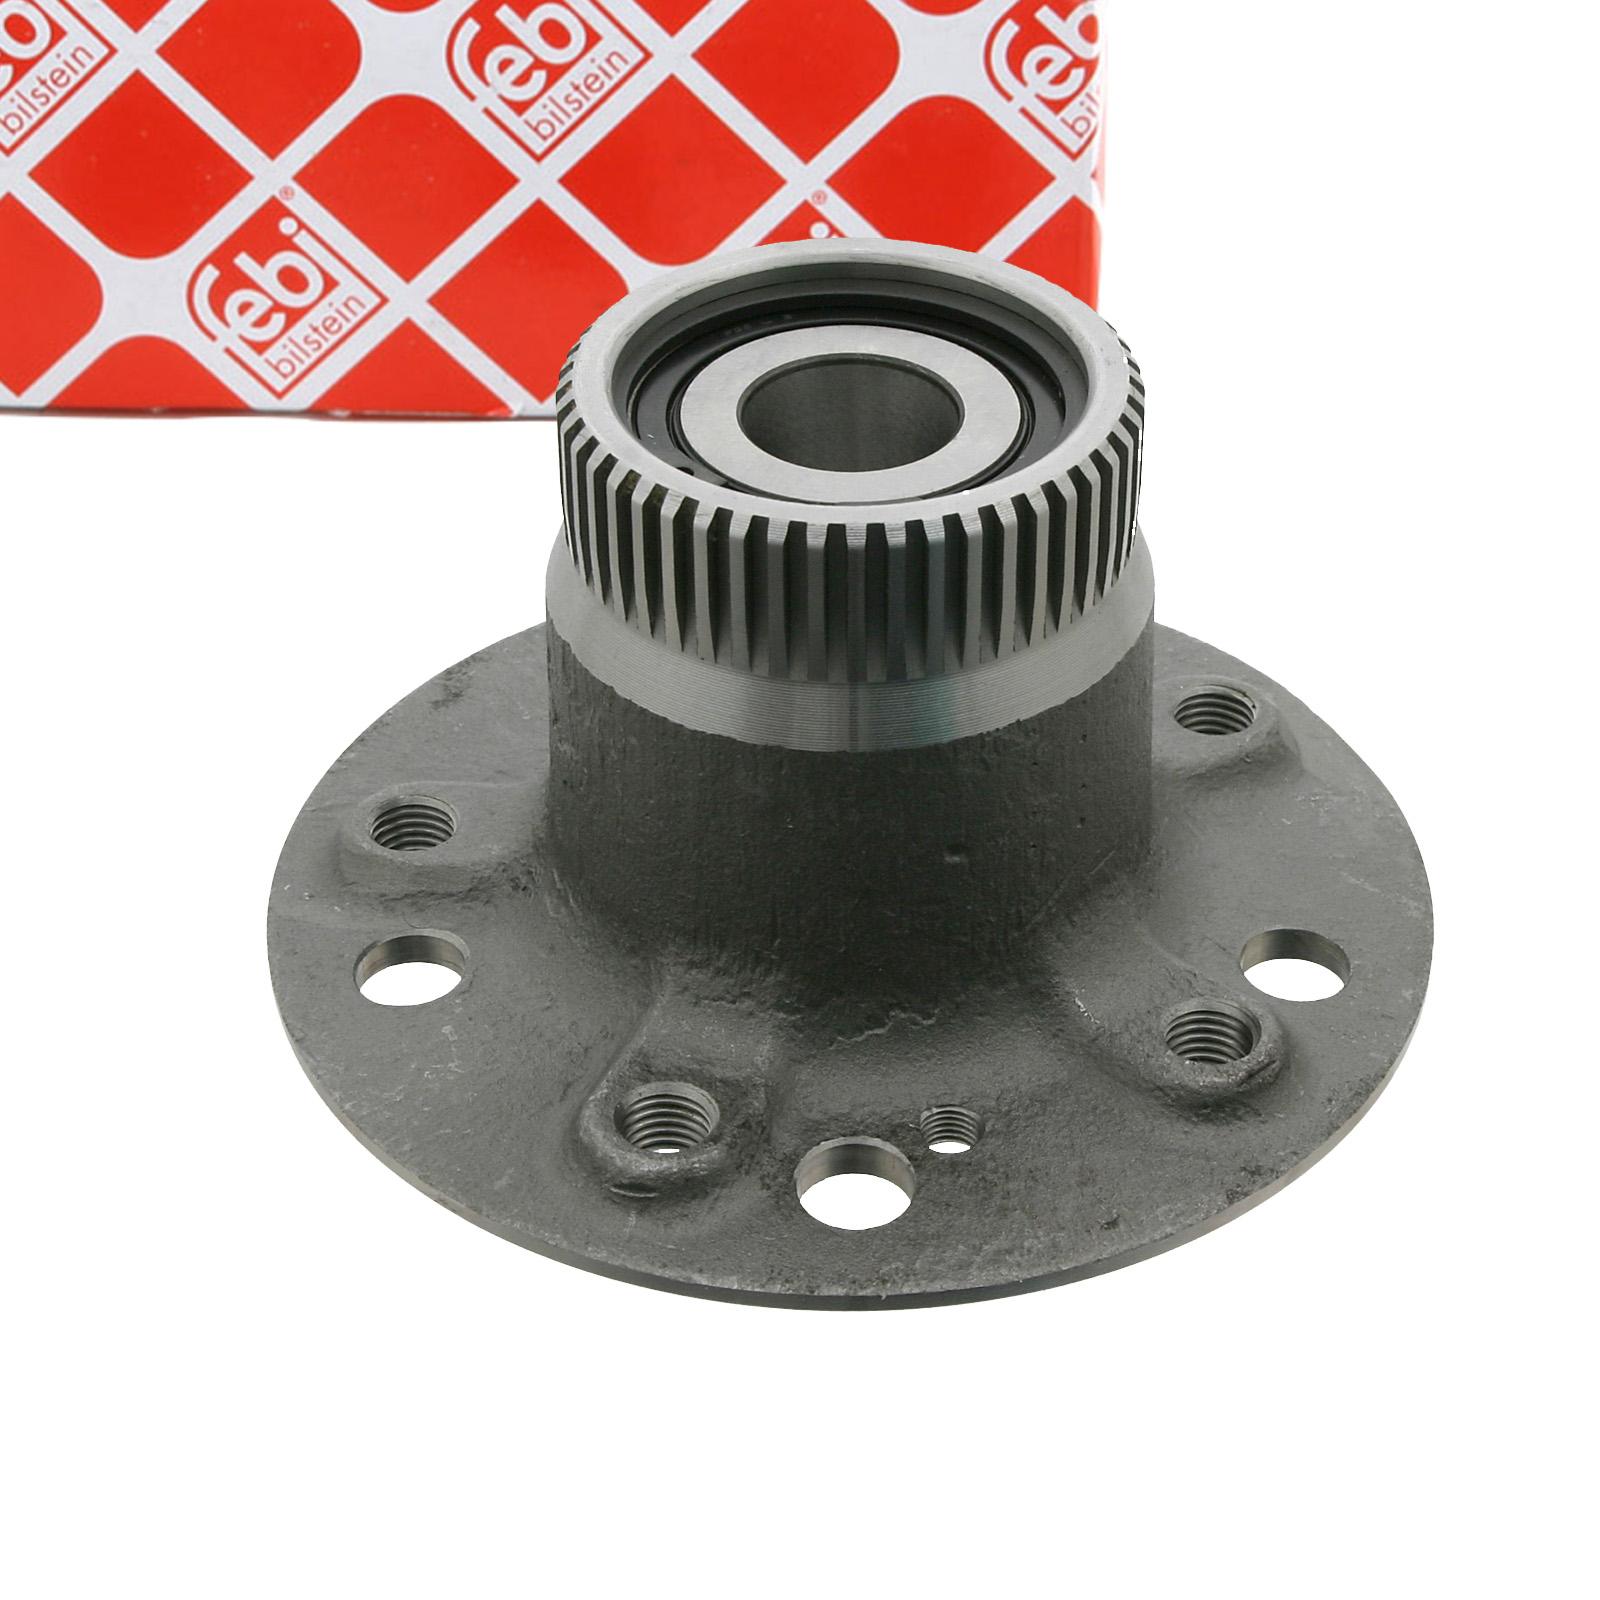 FEBI 28383 Radlagersatz Radnabe MERCEDES W168 A140-210 A160-170 CDI hinten A1683500435